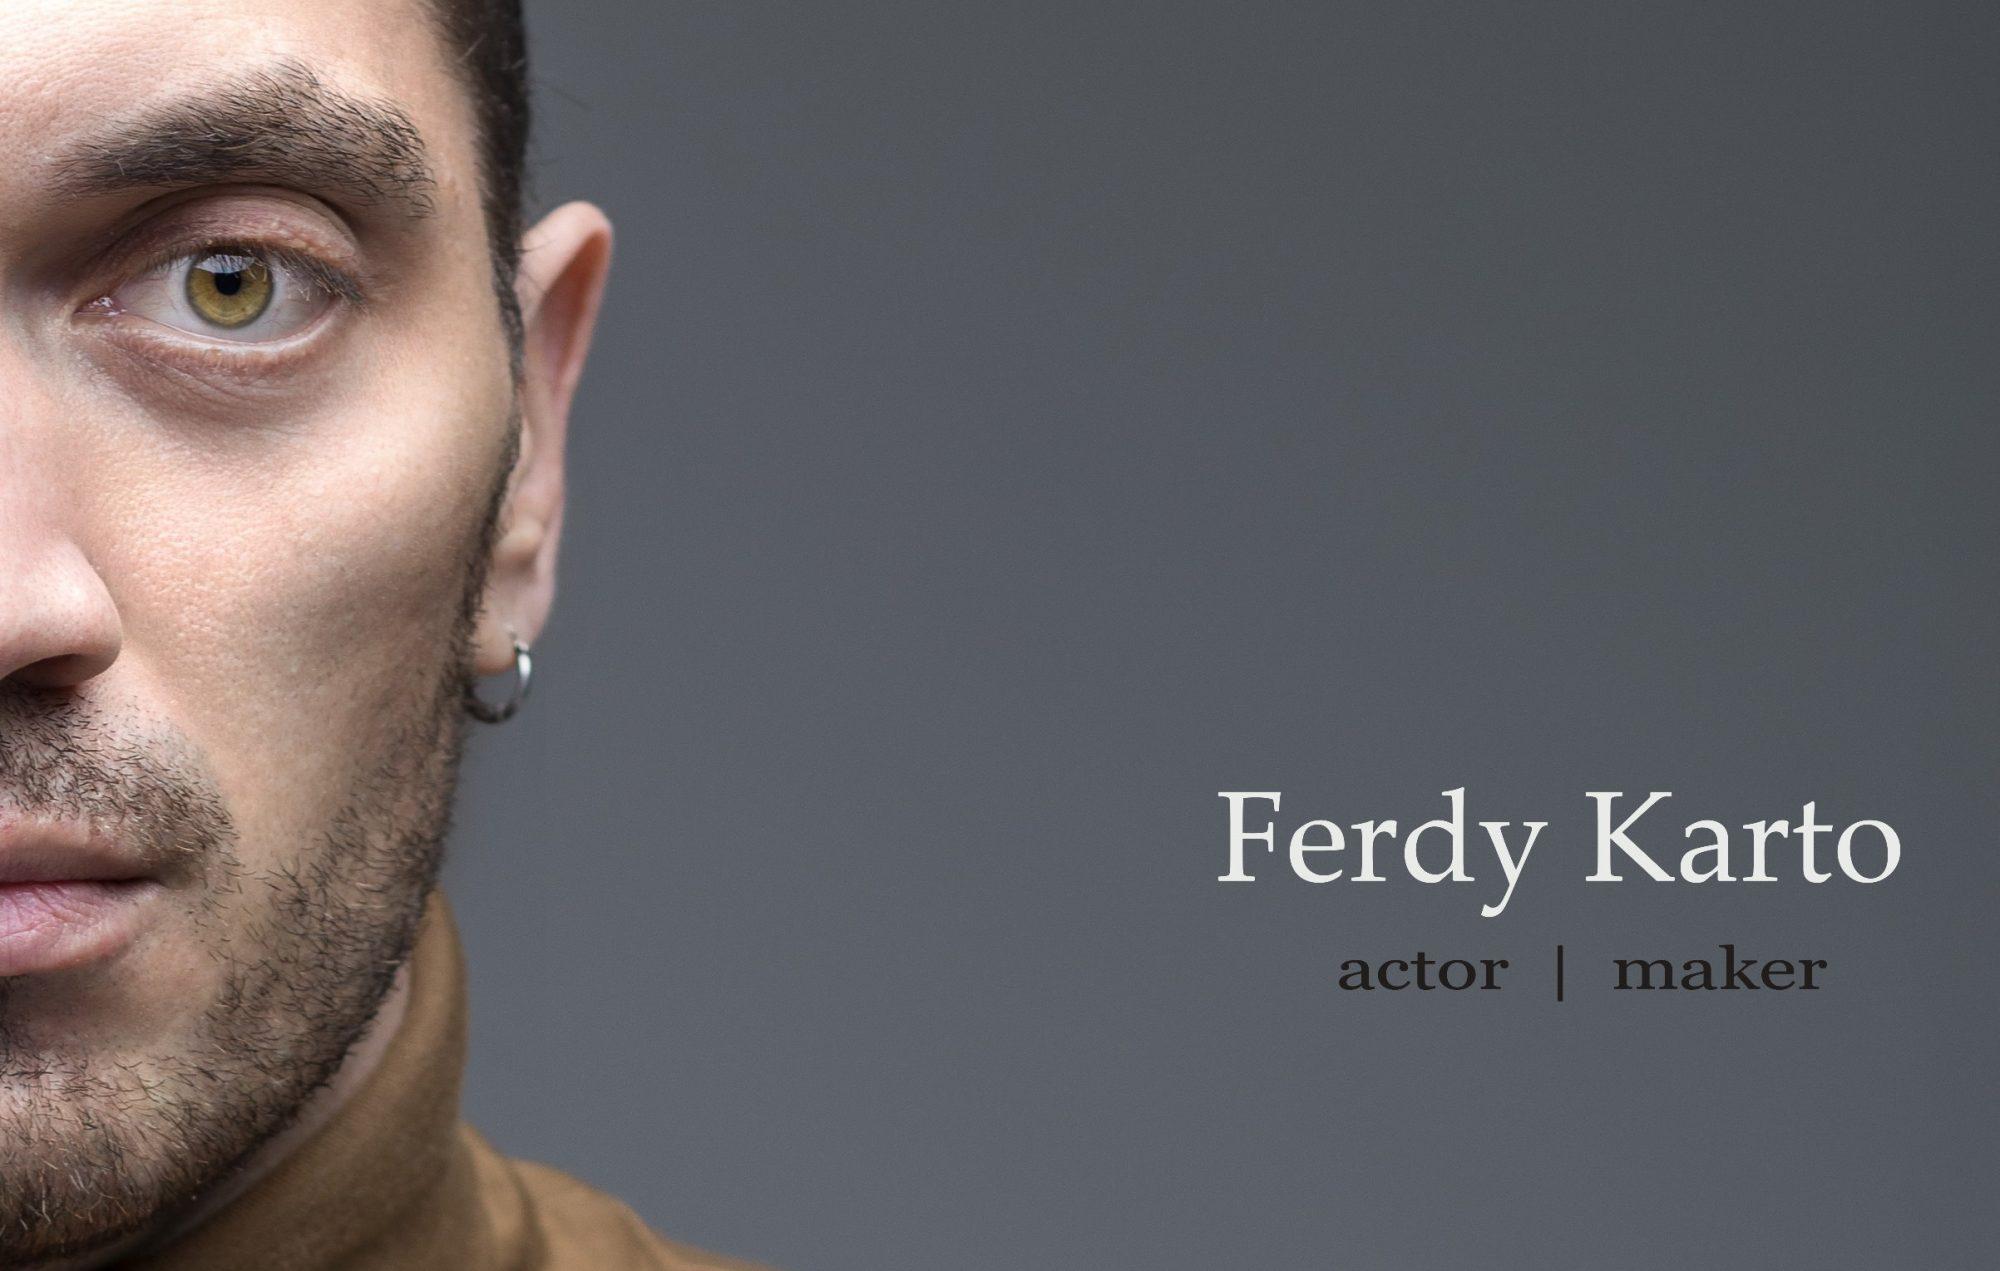 FERDY KARTO